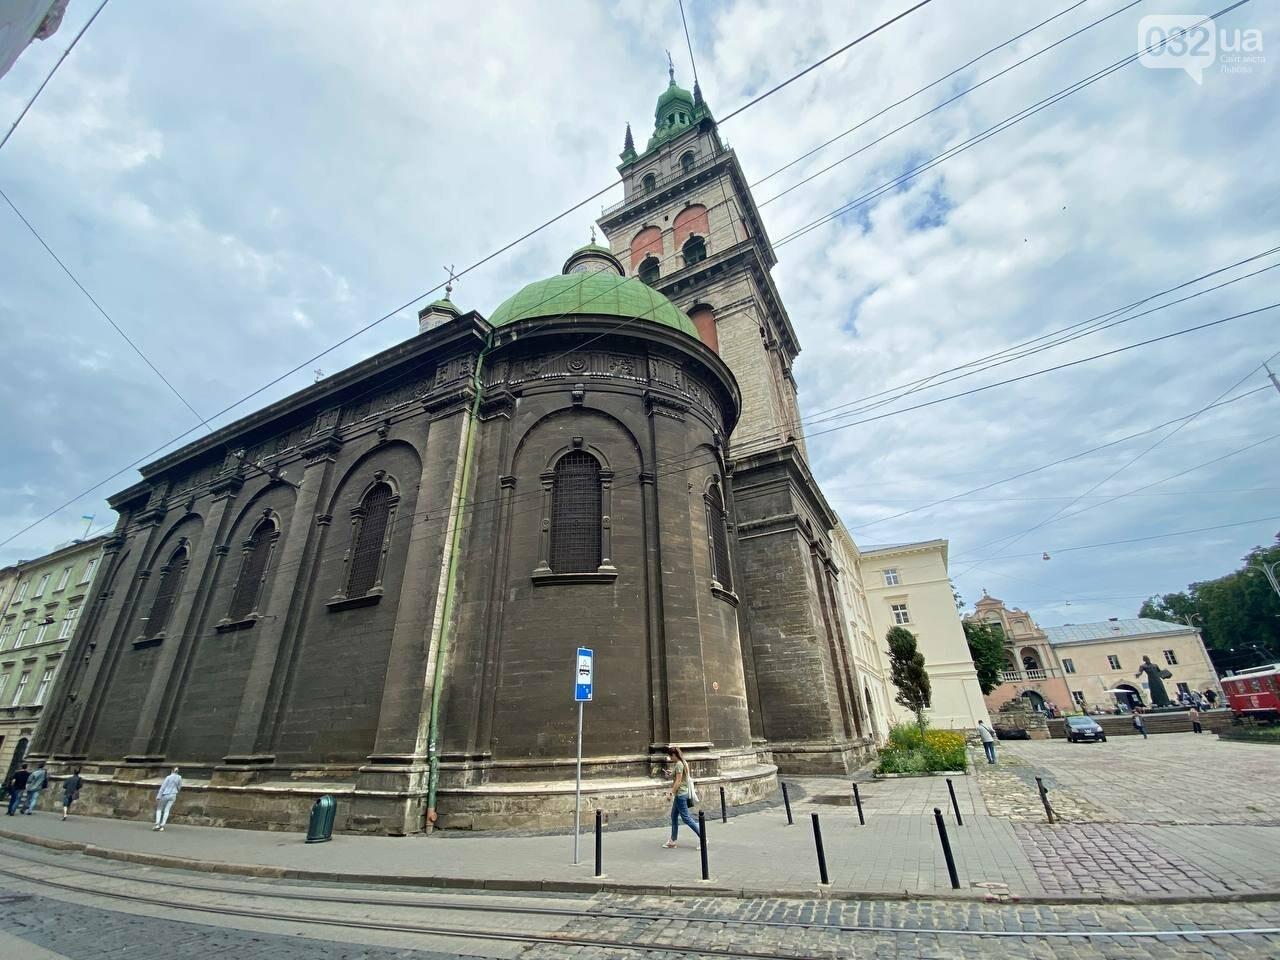 Церква Успіння Пресвятої Богородиці, Фото: 032.ua